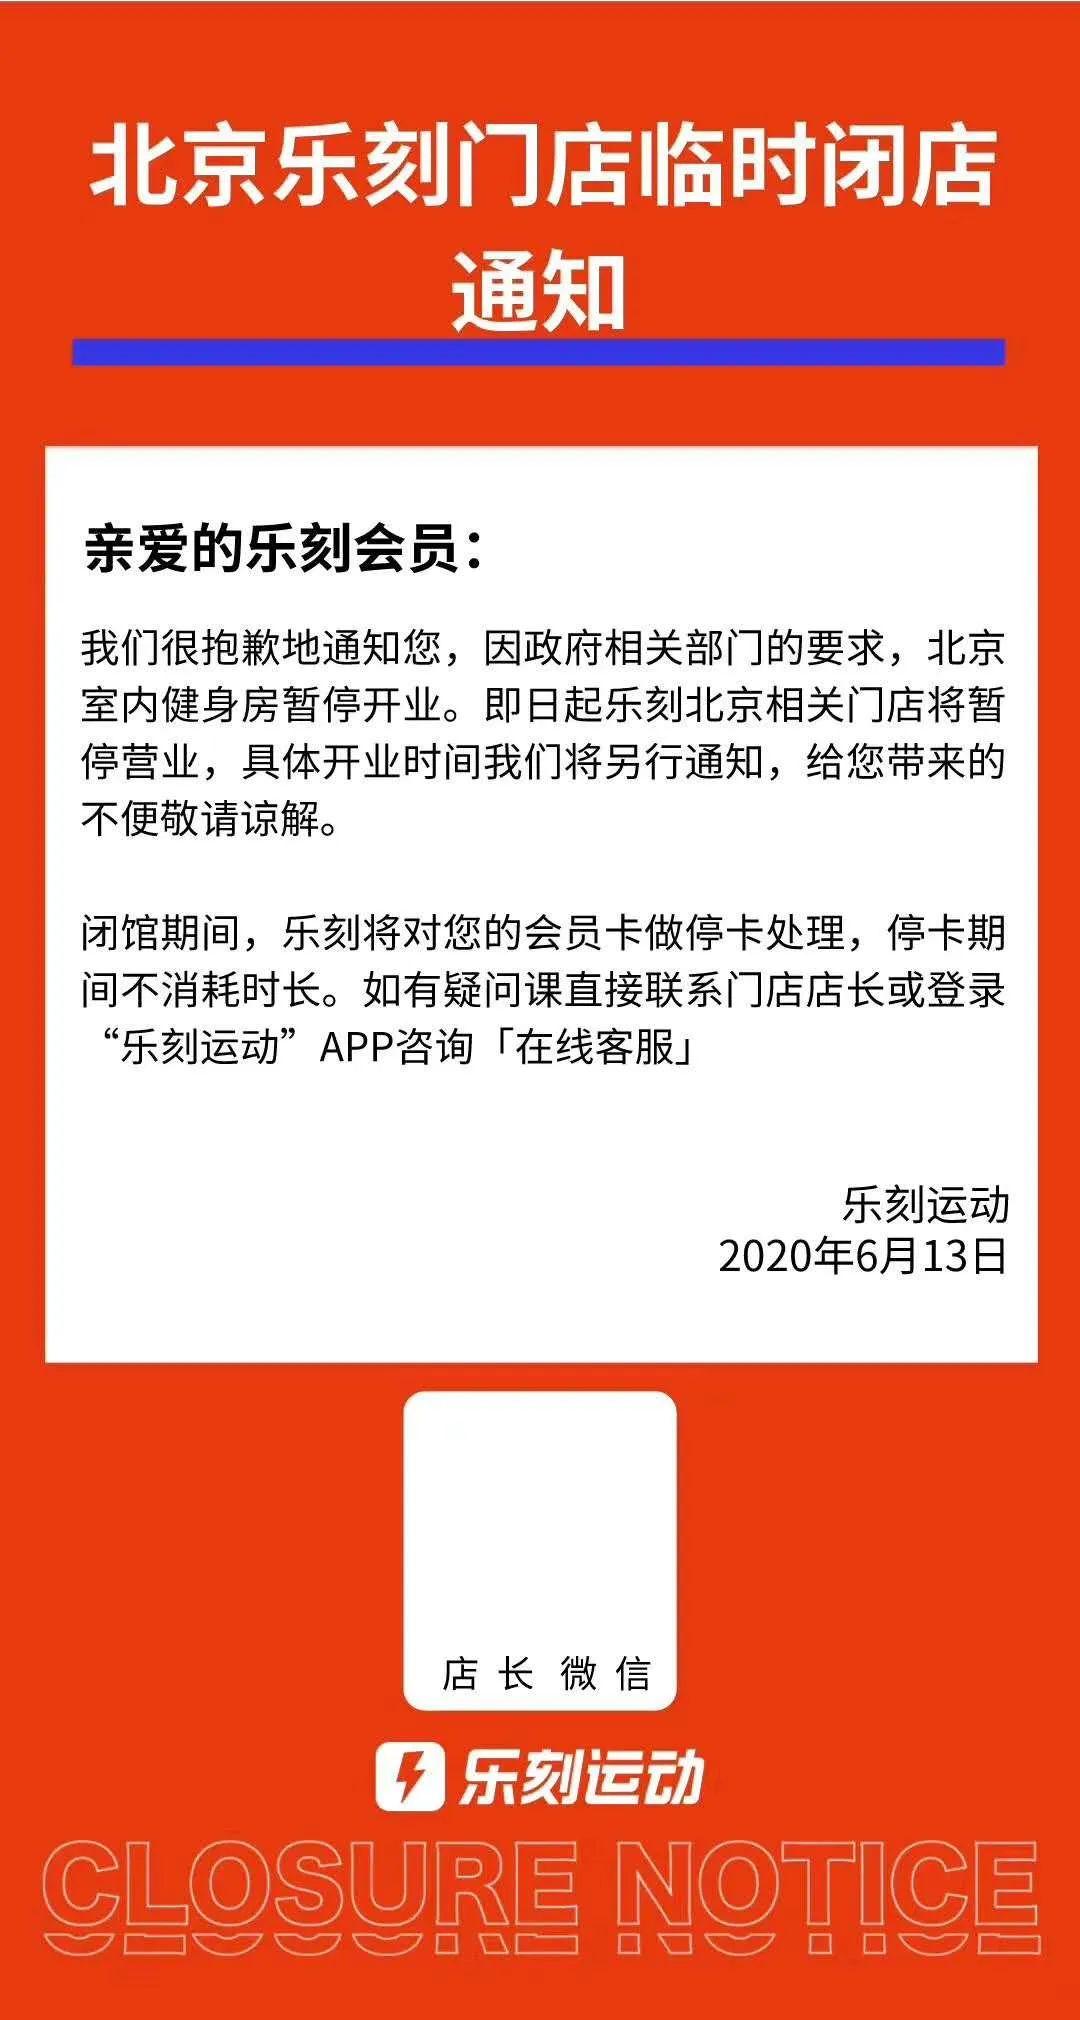 乐刻临时关闭北京门店,因Crossfit CEO发表种族言论,锐步将结束与其合作